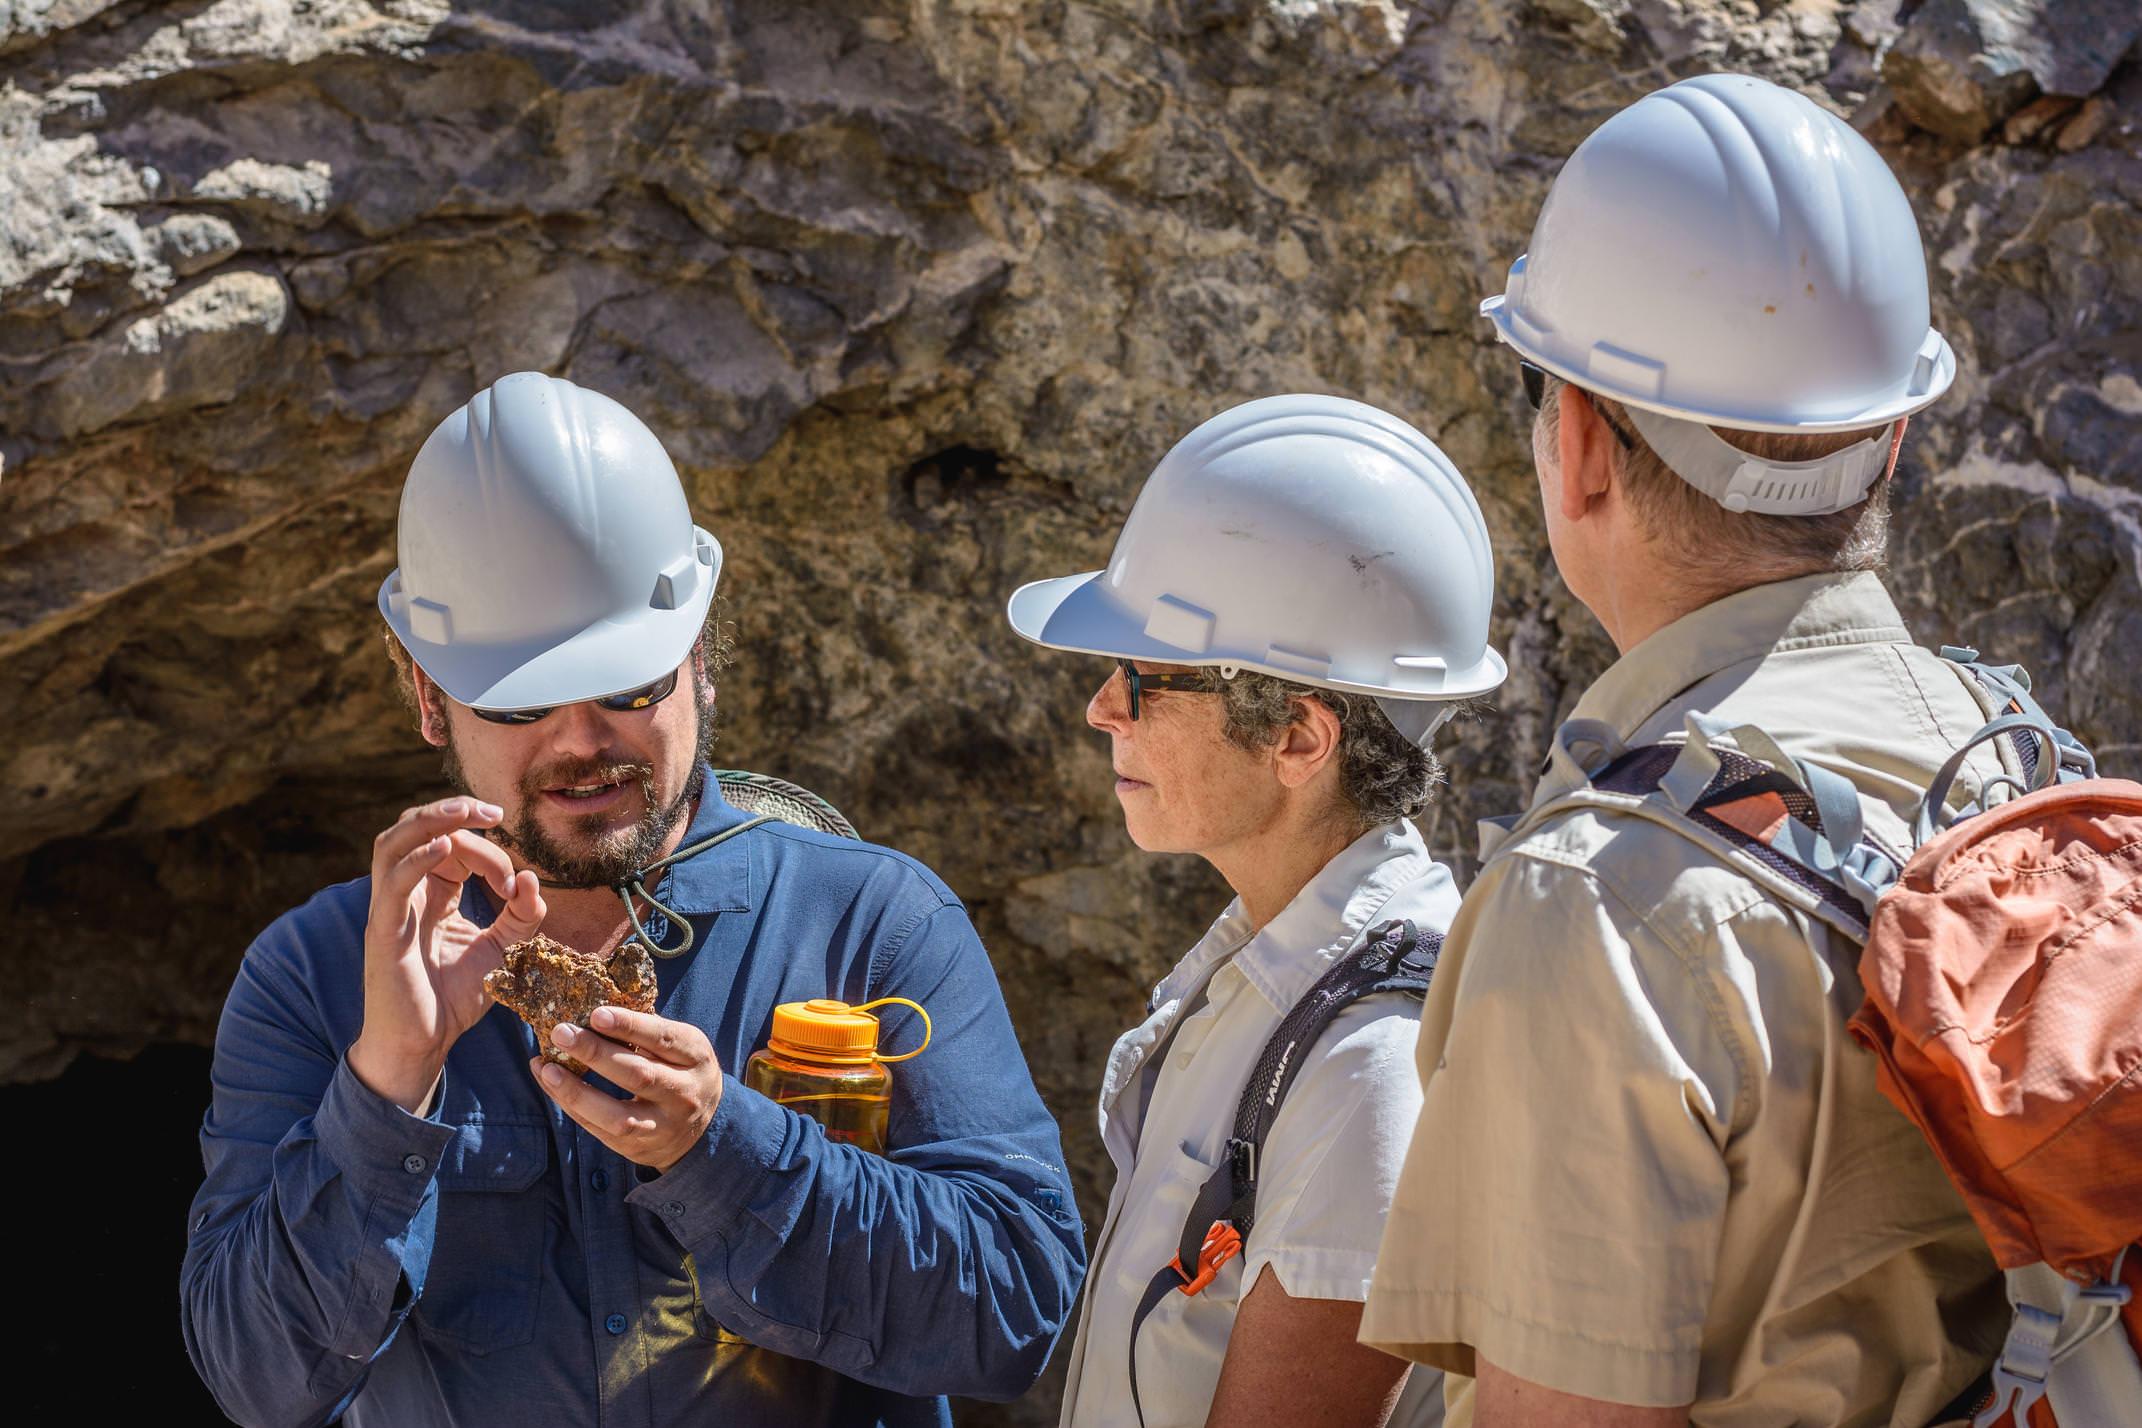 Chile copiapo mining visit c alvaro guide